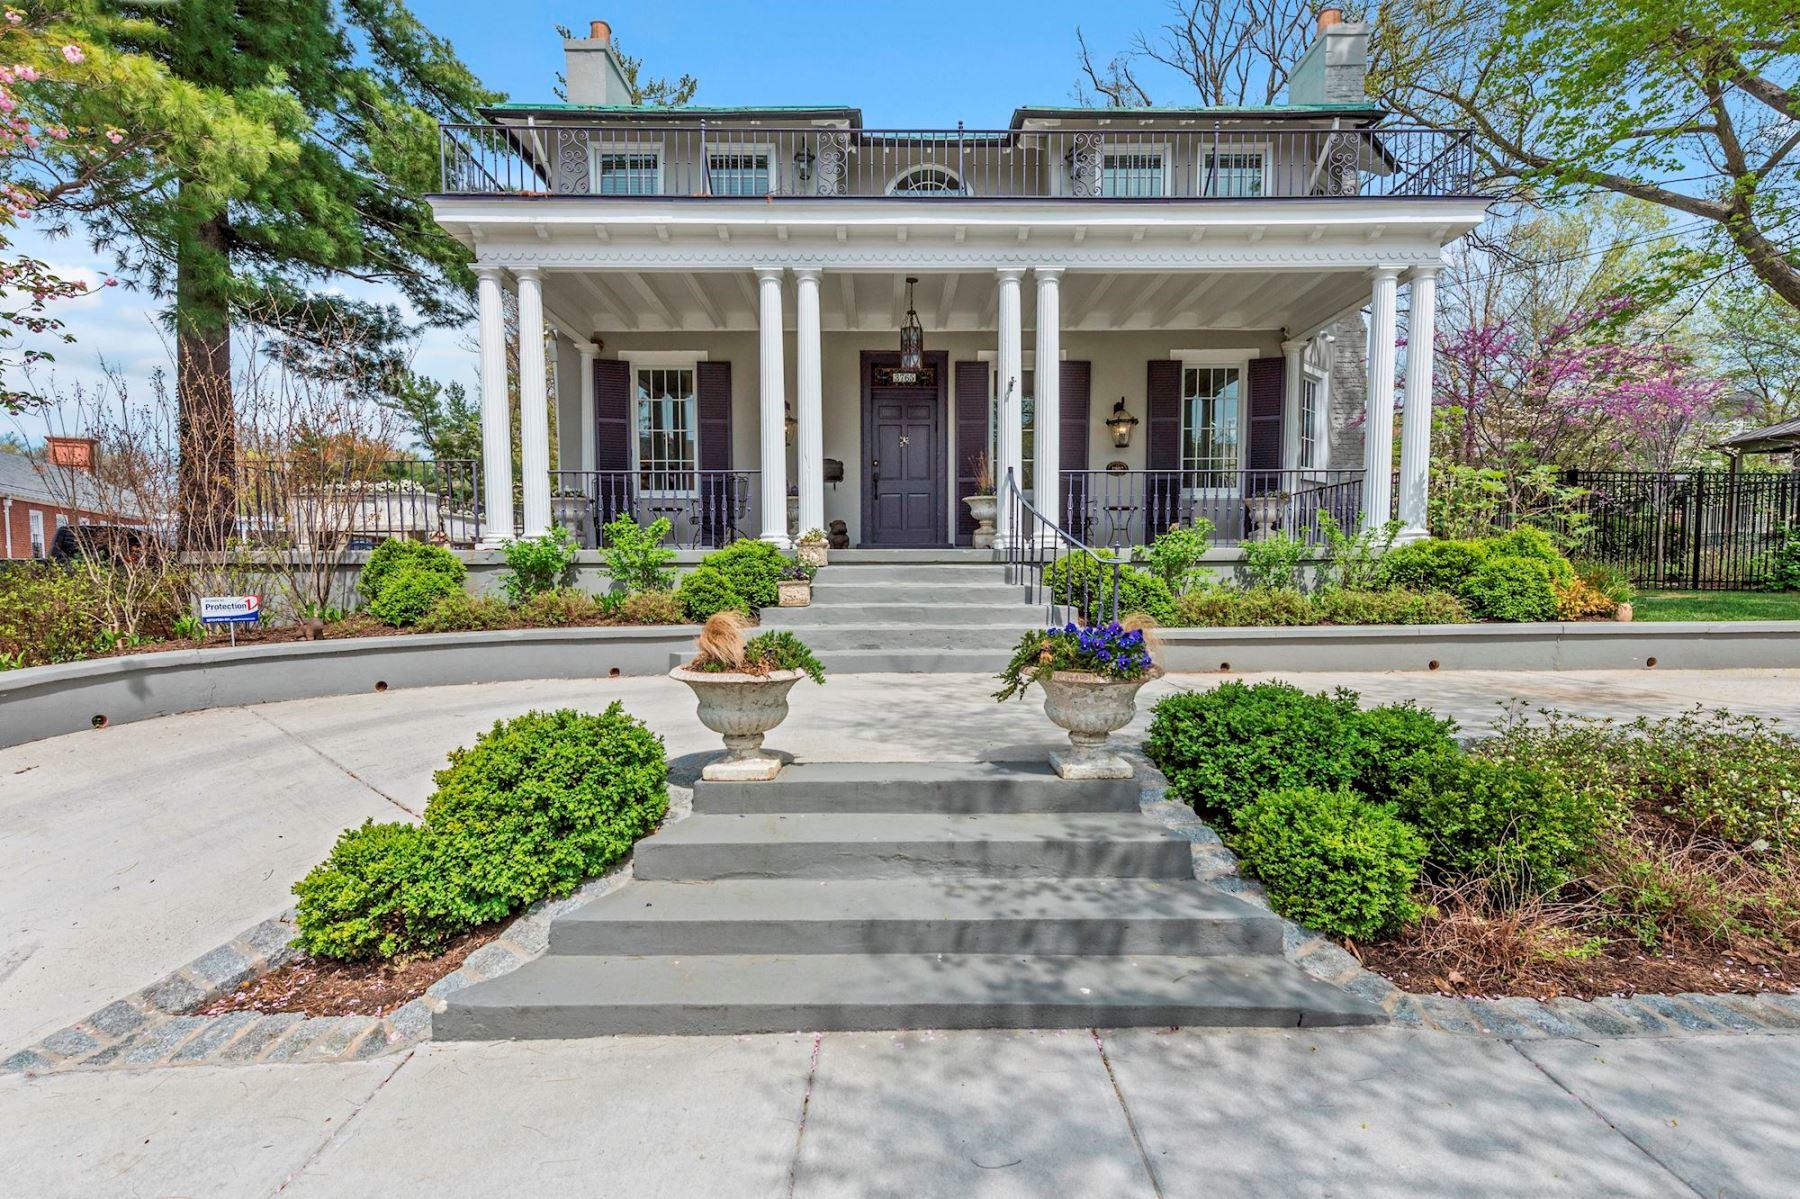 Villa per Vendita alle ore 3765 Northampton Street NW, Washington Washington, Distretto Di Columbia, 20015 Stati Uniti